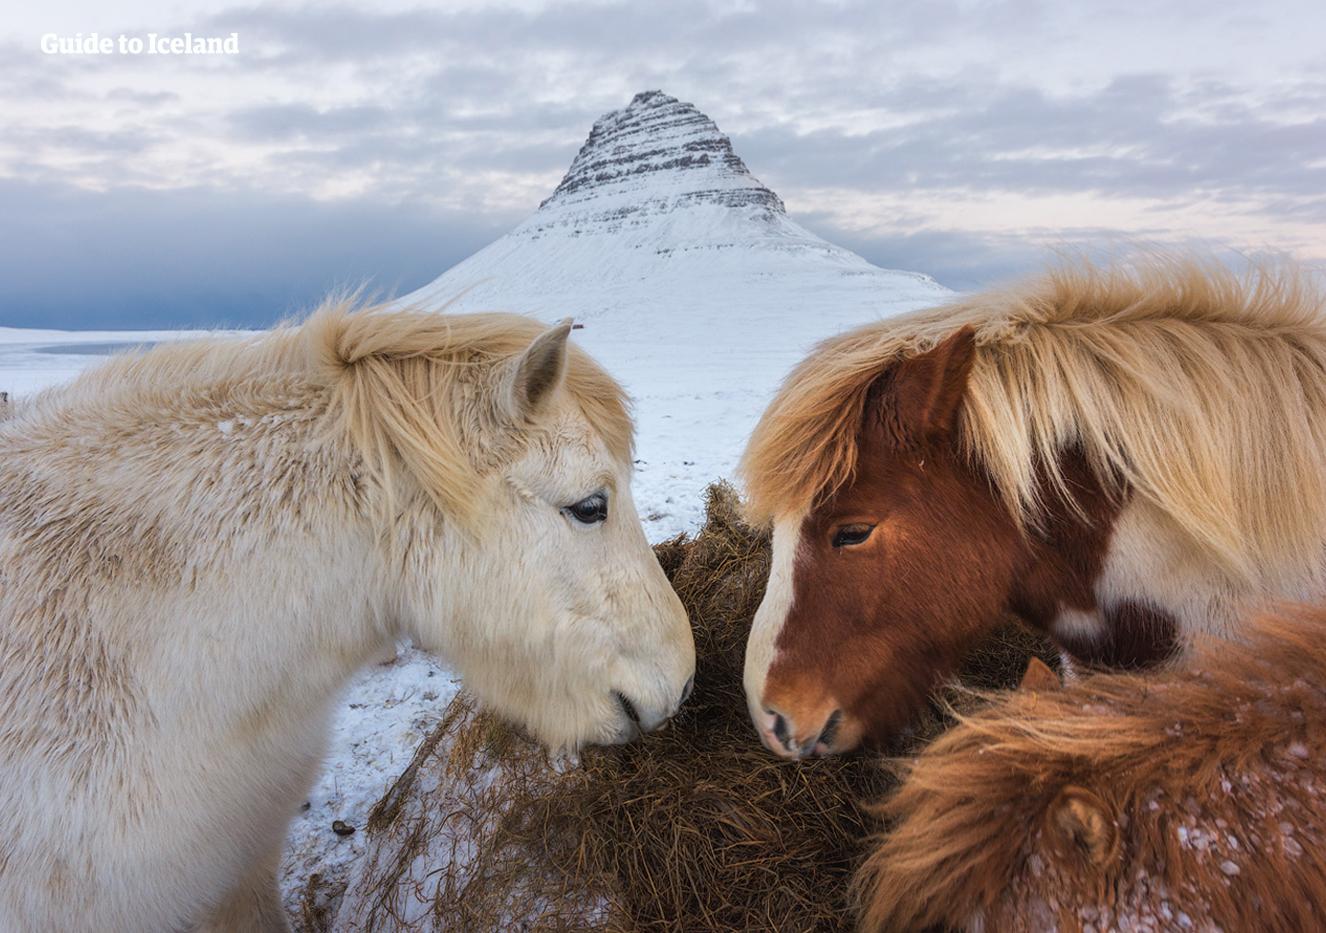 見どころ満載のスナイフェルスネス半島に美しいキルキュフェットルの山がある